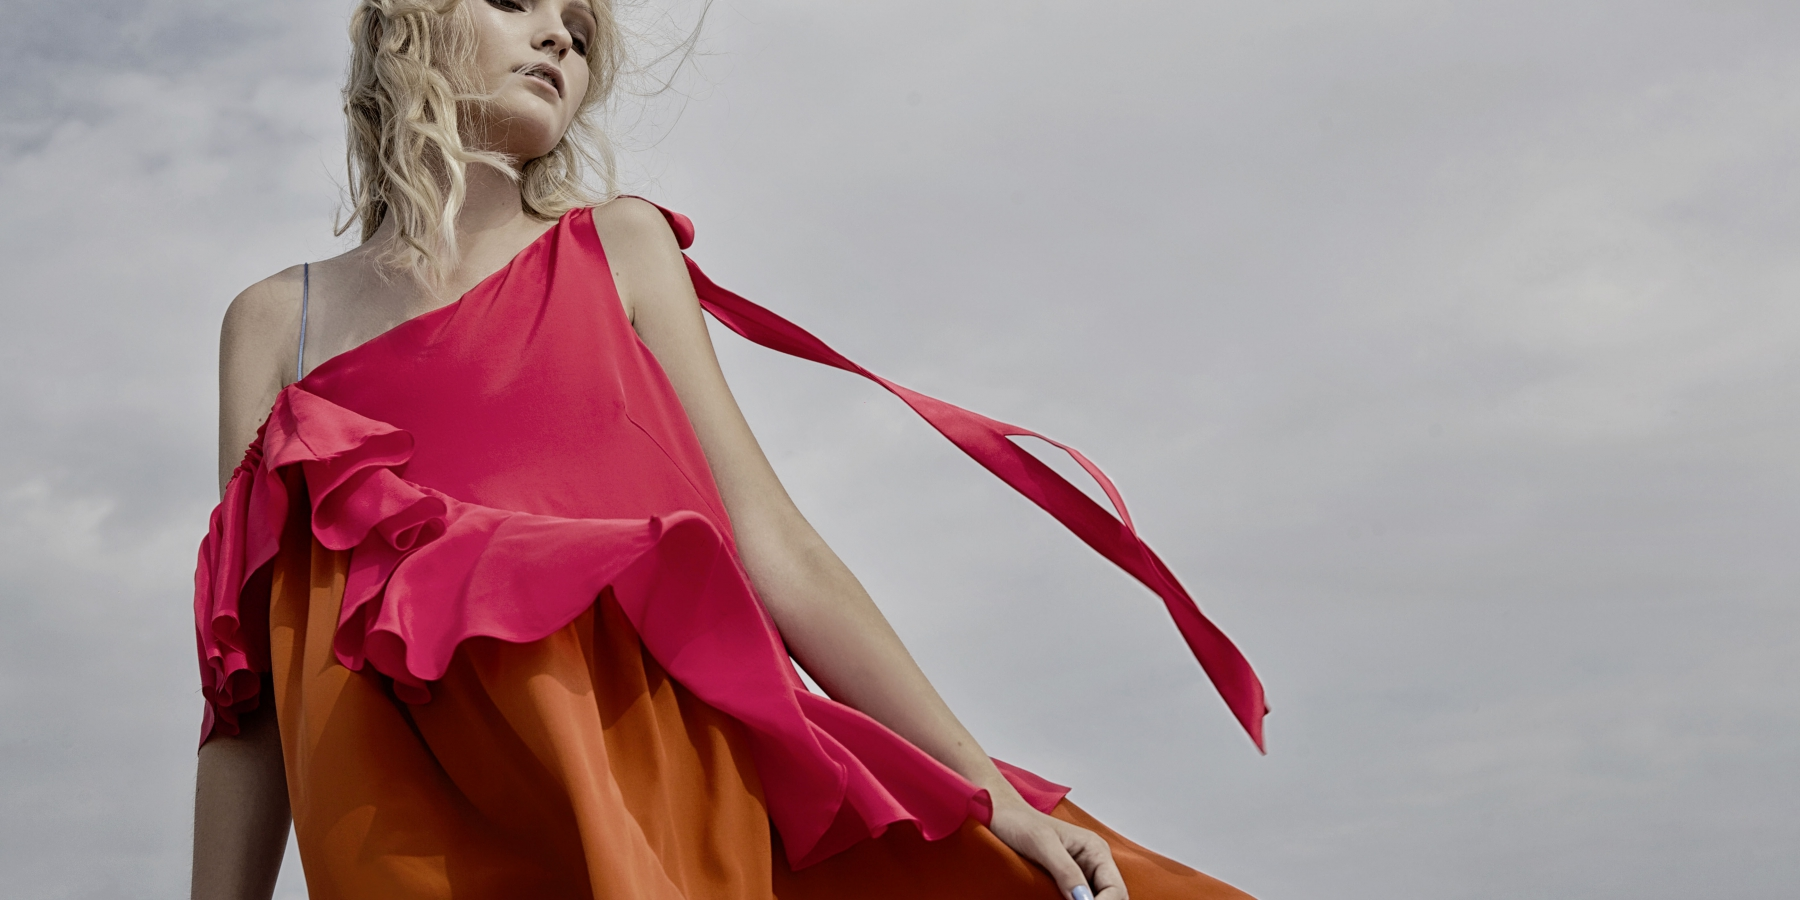 anna october dress theodivo.com.jpg